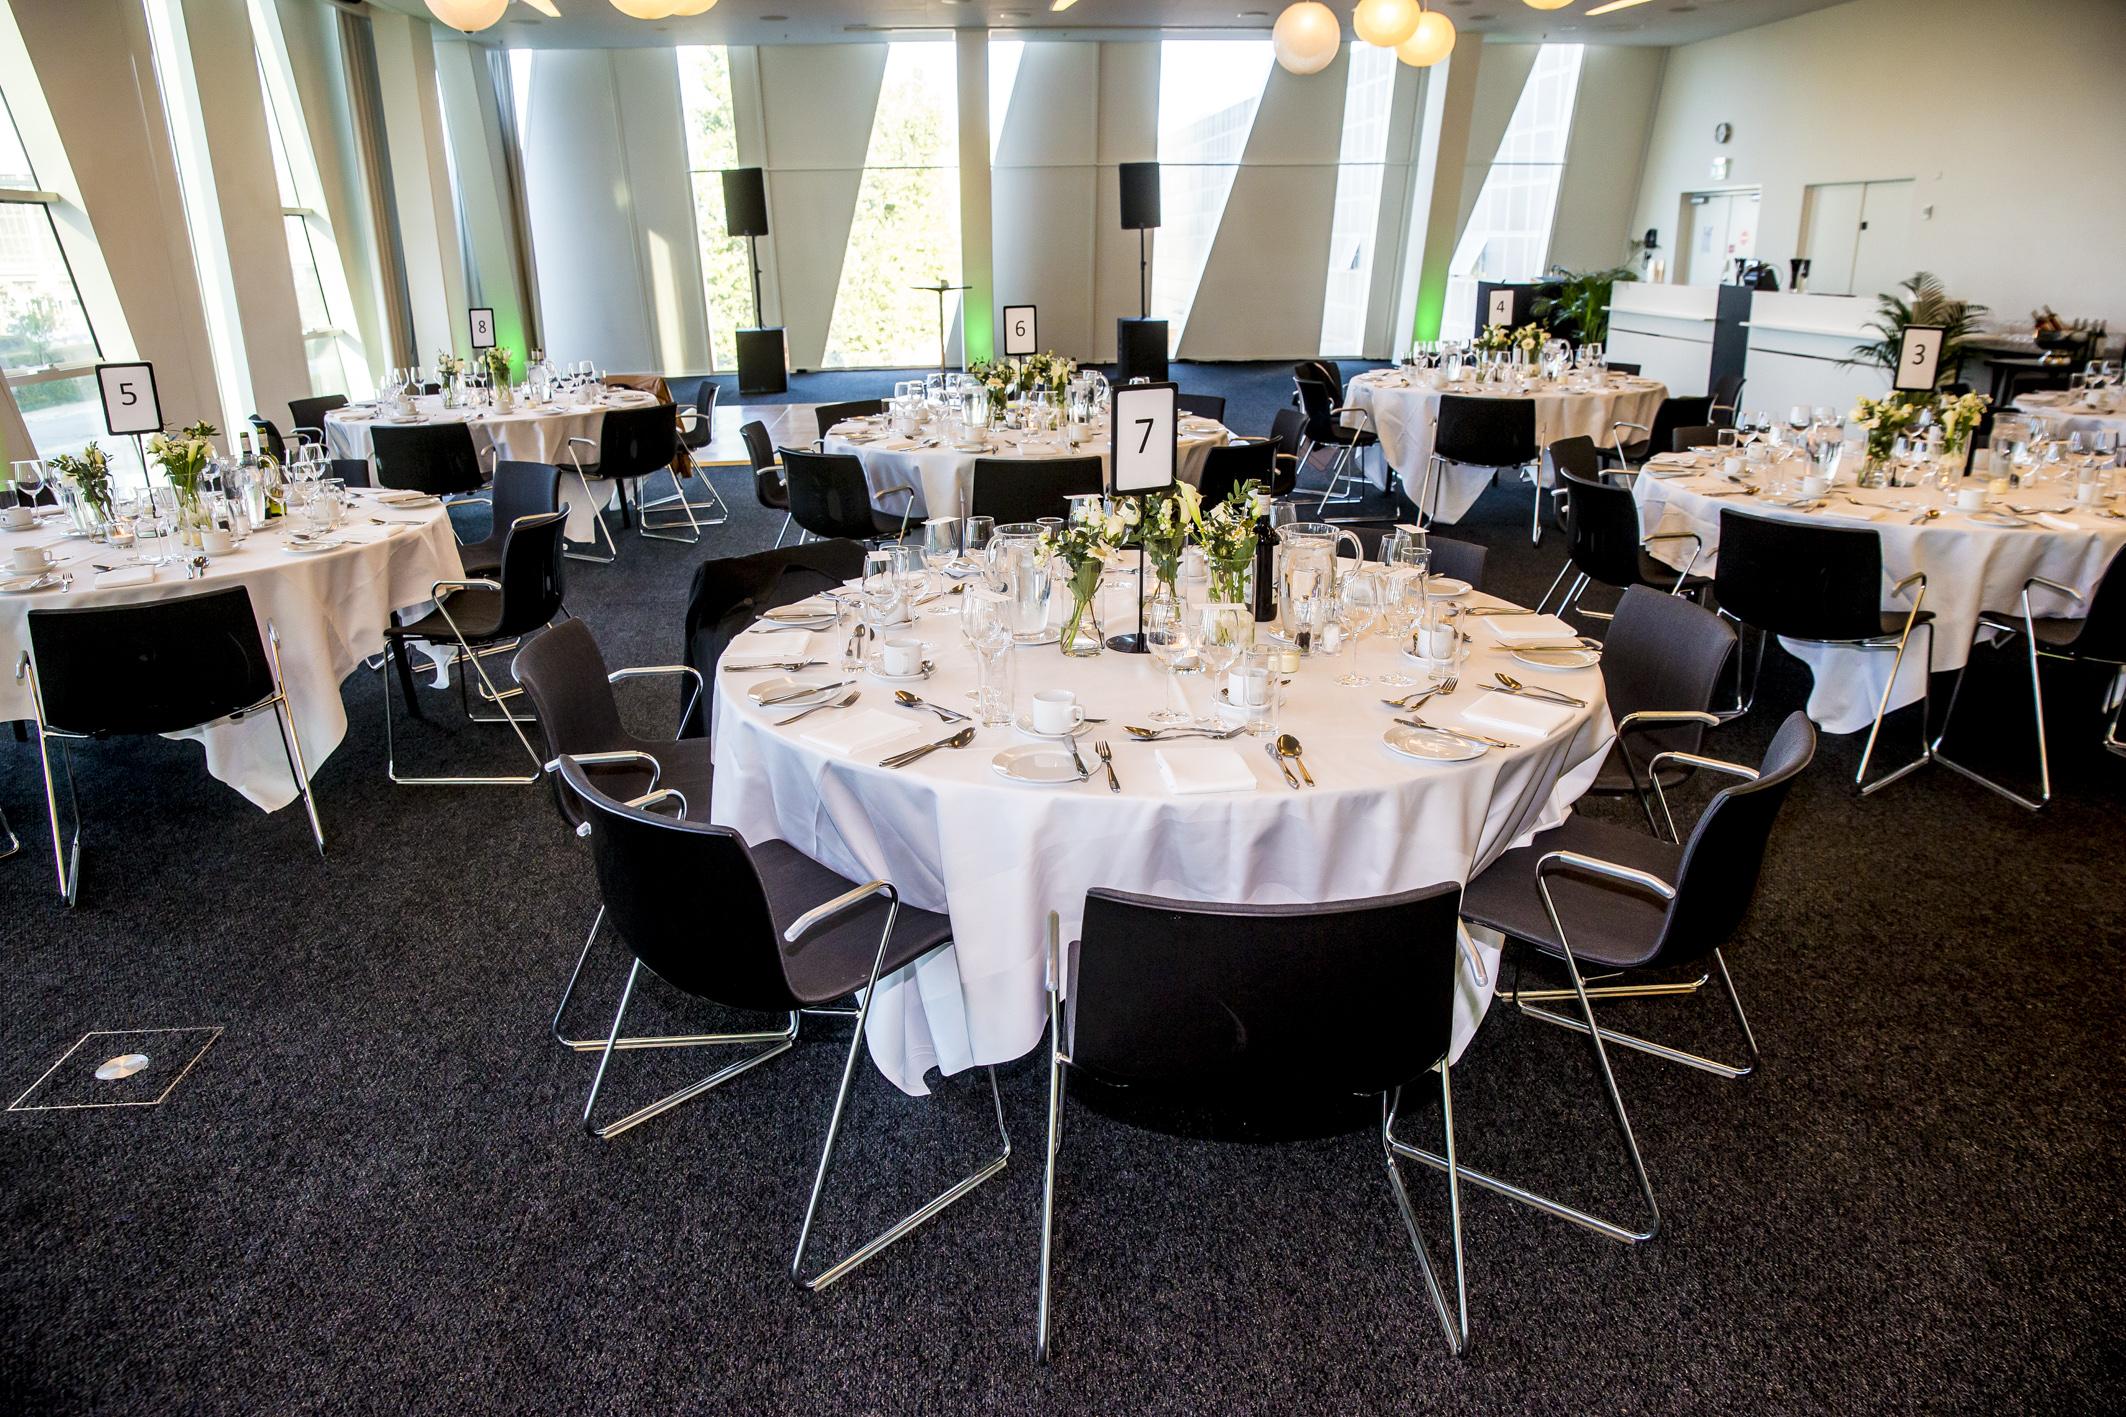 Marriott med over 7.000 hoteller på verdensplan tilbyder nu mødeplanlæggere nyt system. Her er der dækket op på et af Københavns tre Marriott-hoteller, AC Bella Sky Copenhagen. Foto: Michael Stub.